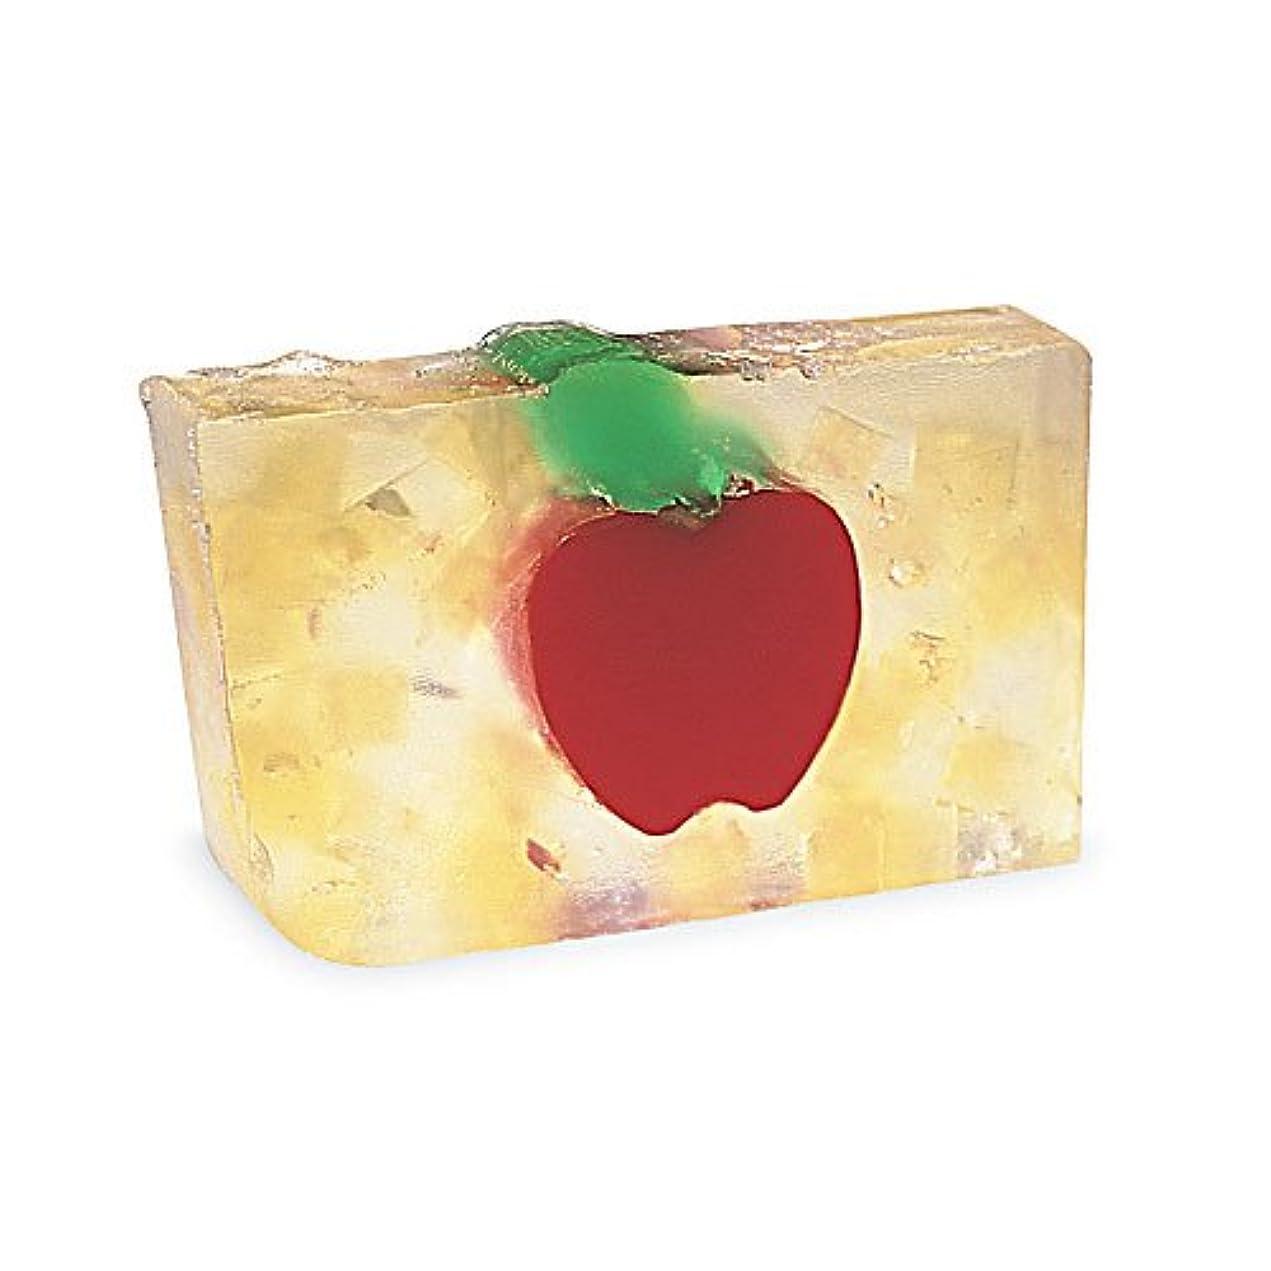 厳恩赦在庫プライモールエレメンツ アロマティック ソープ ビッグアップル 180g 植物性 ナチュラル 石鹸 無添加